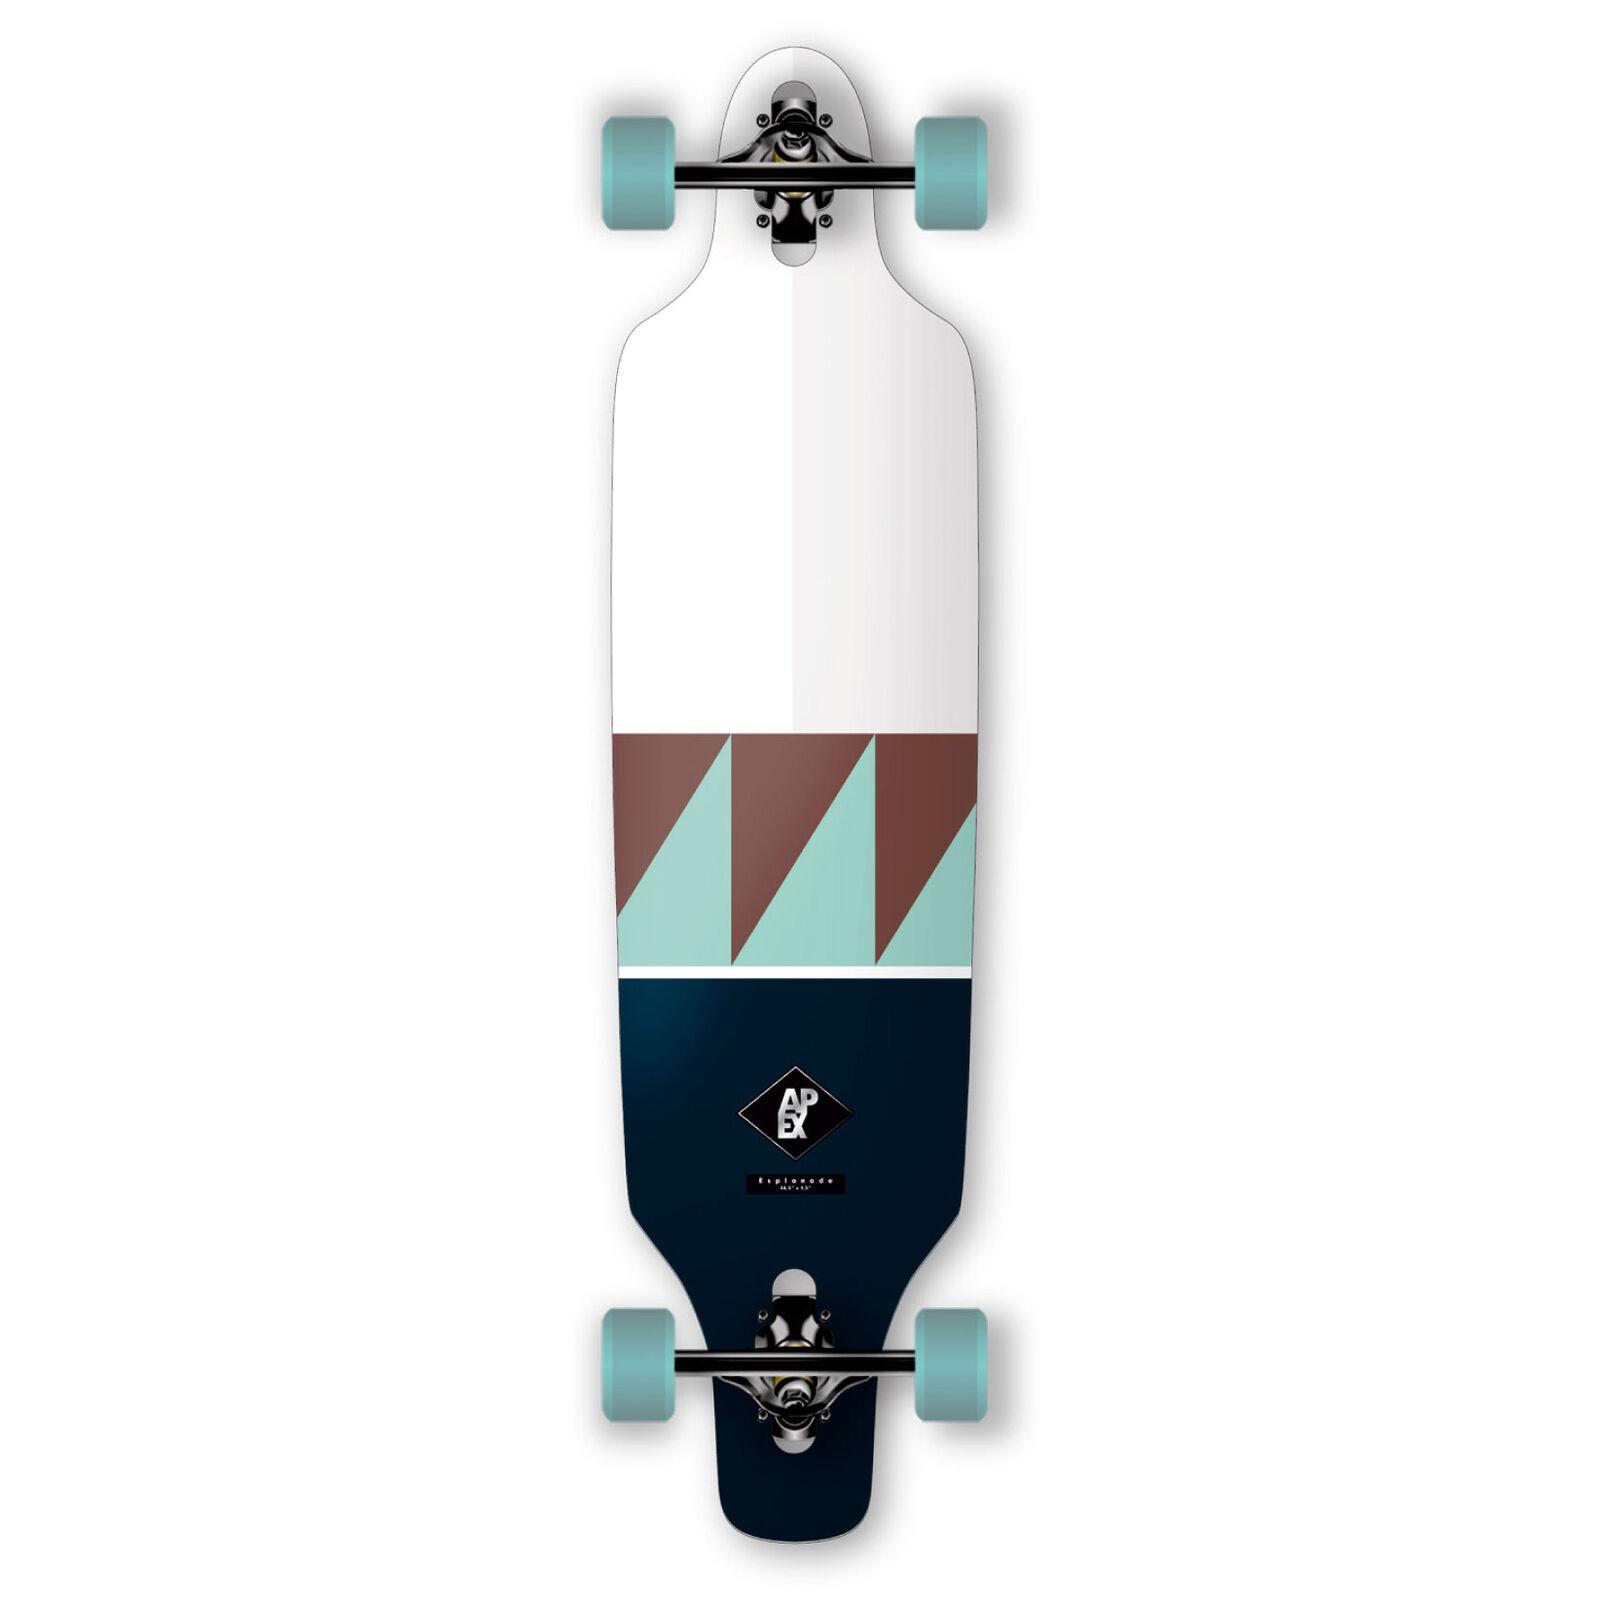 Apex longboard completamente Board explanada mk2 drop through 97,8cm